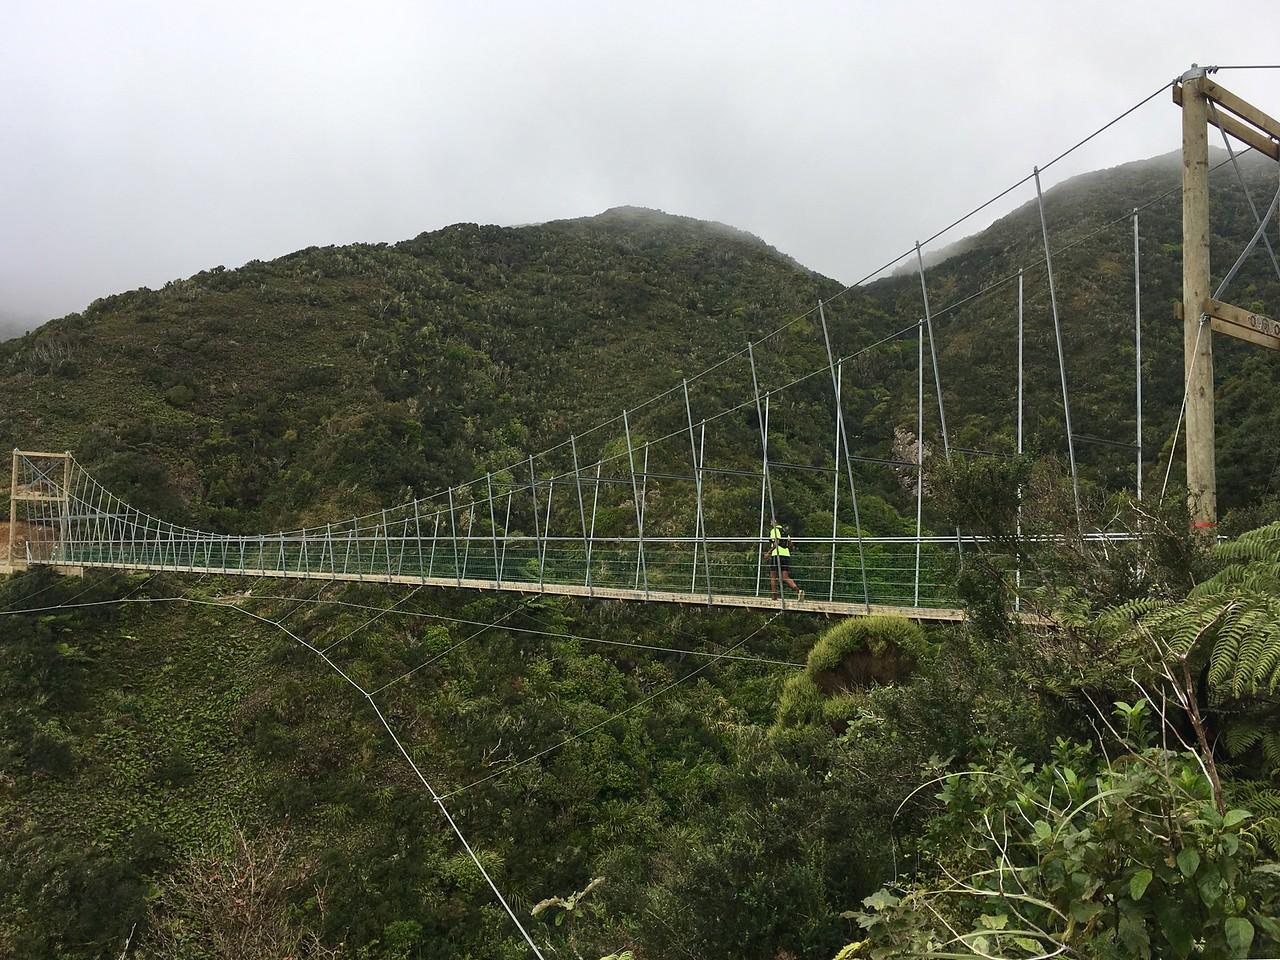 Upswing bridge